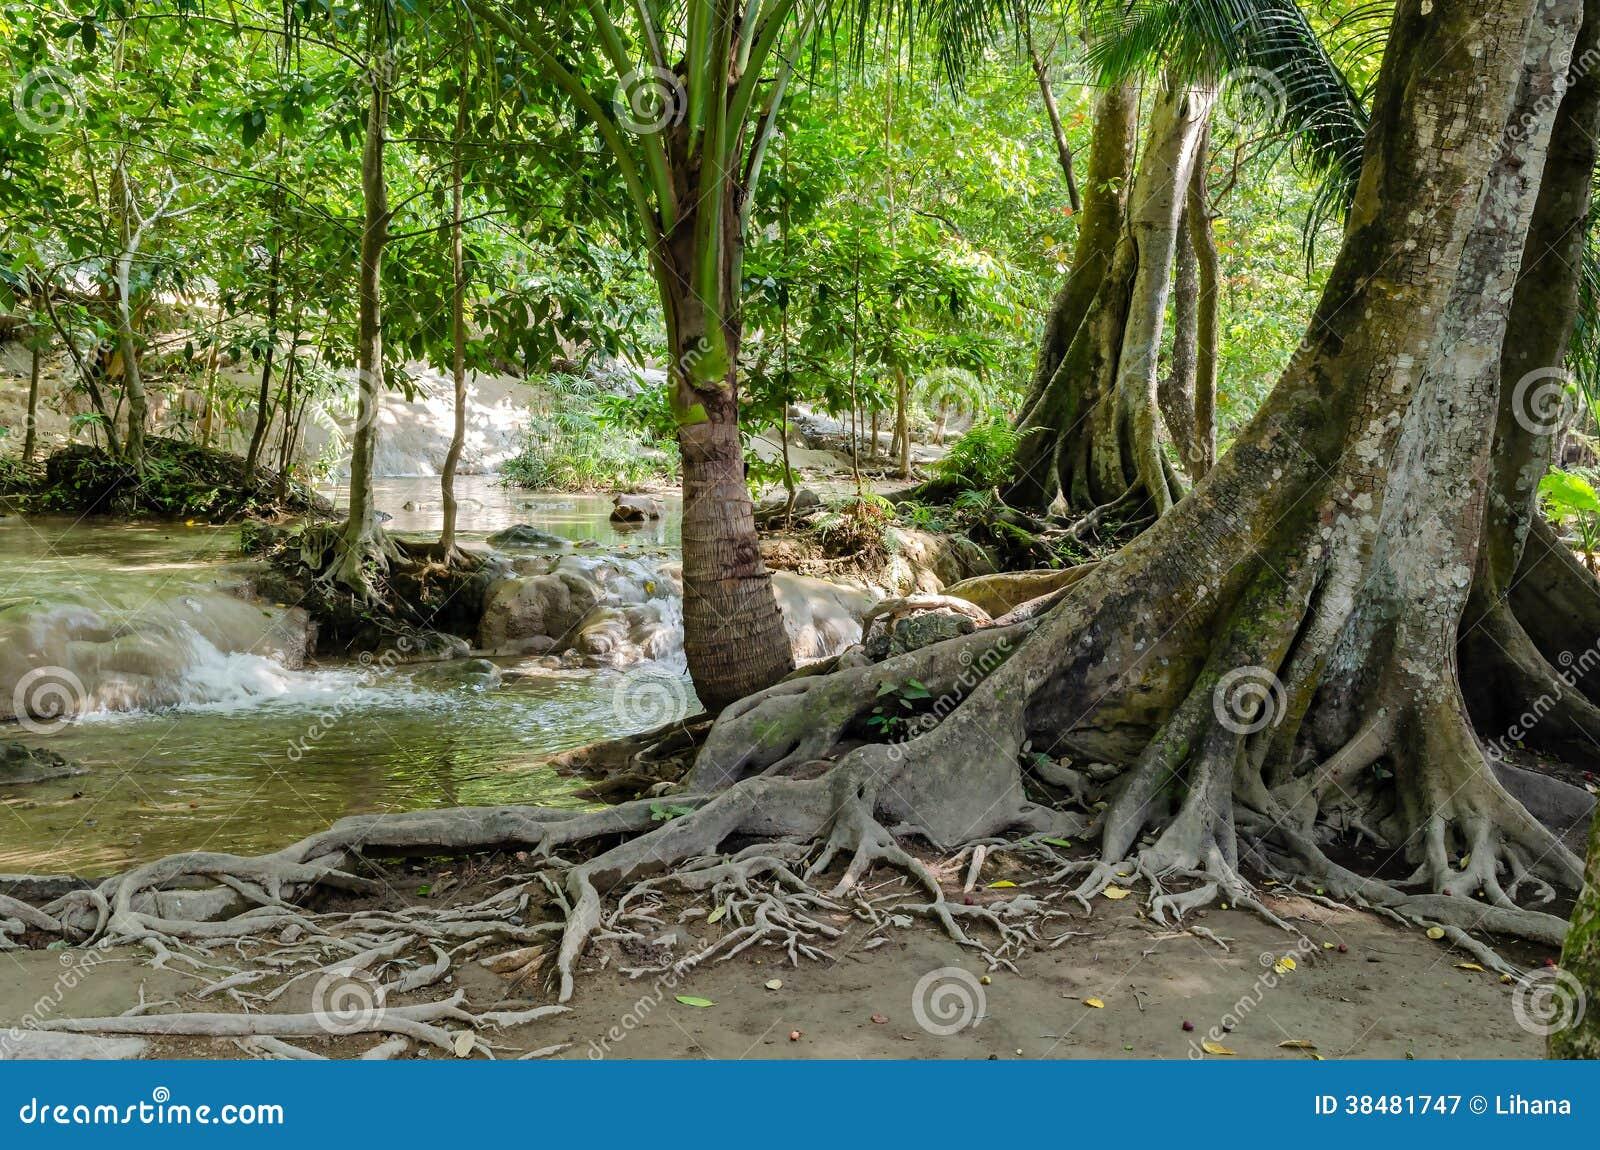 Baum mit wurzeln im regenwald dschungel stockbild bild - Wandtattoo dschungel baum ...